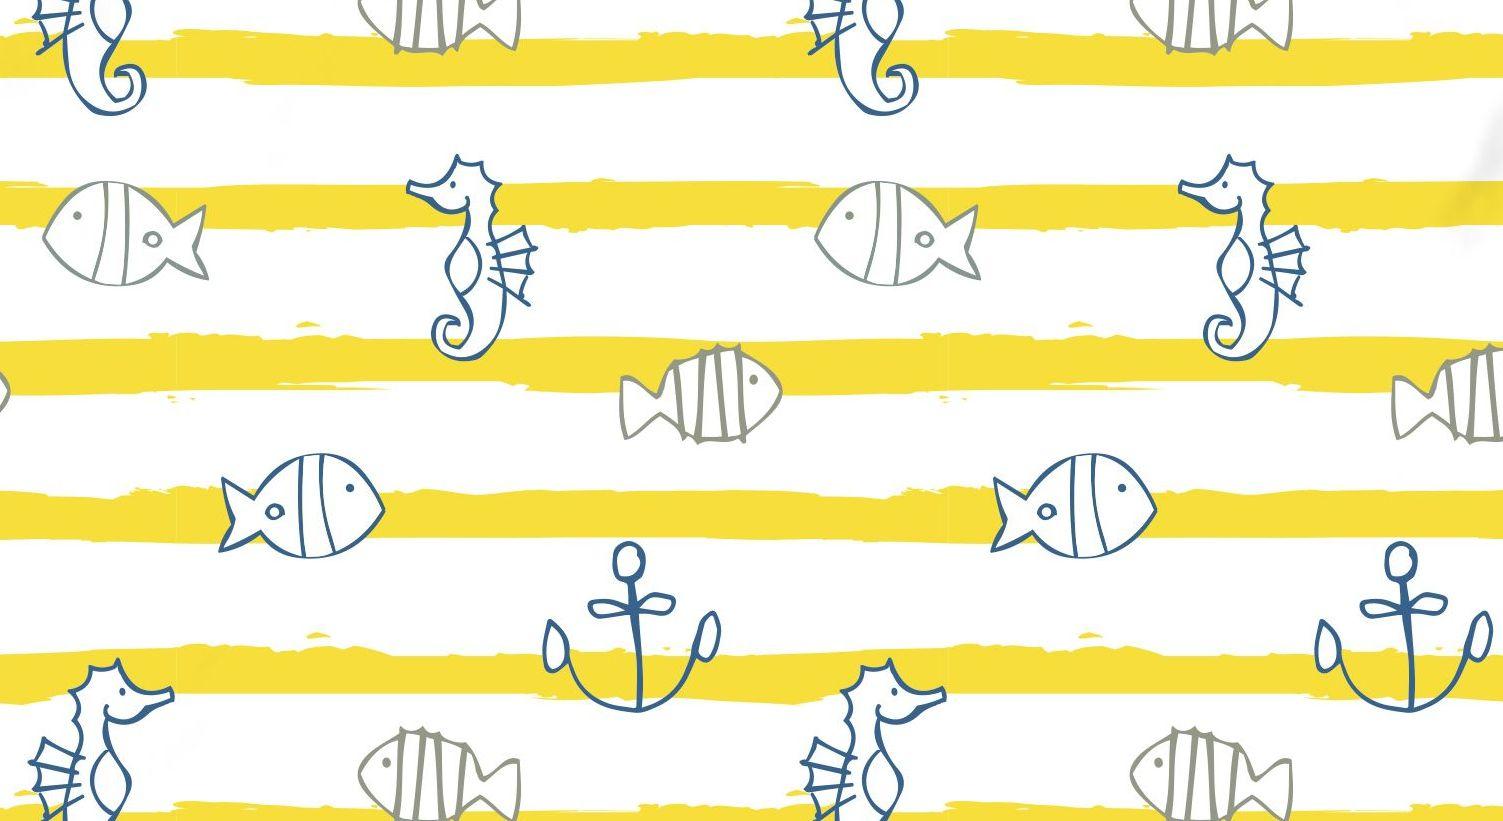 Renforcé-Bettwäsche Meeresbrise mit Fischen, Seepferdchen und Ankern